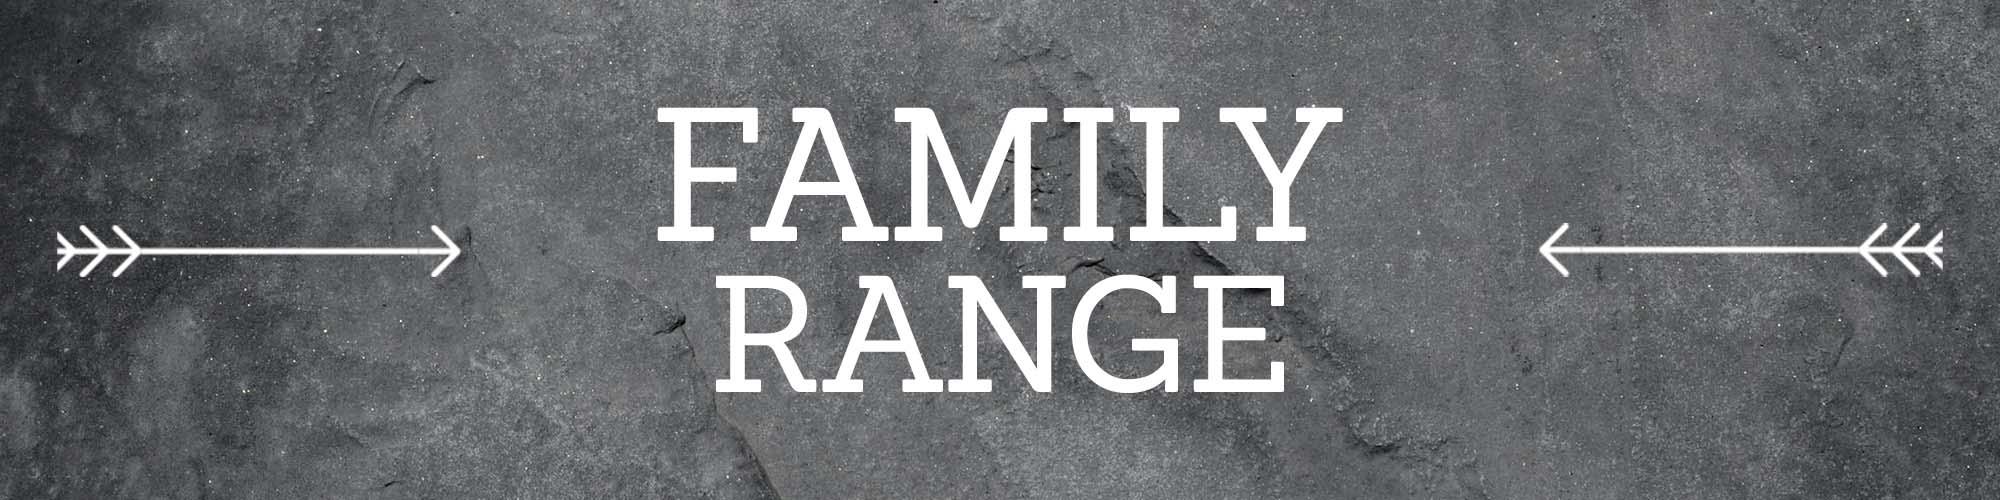 Family Range